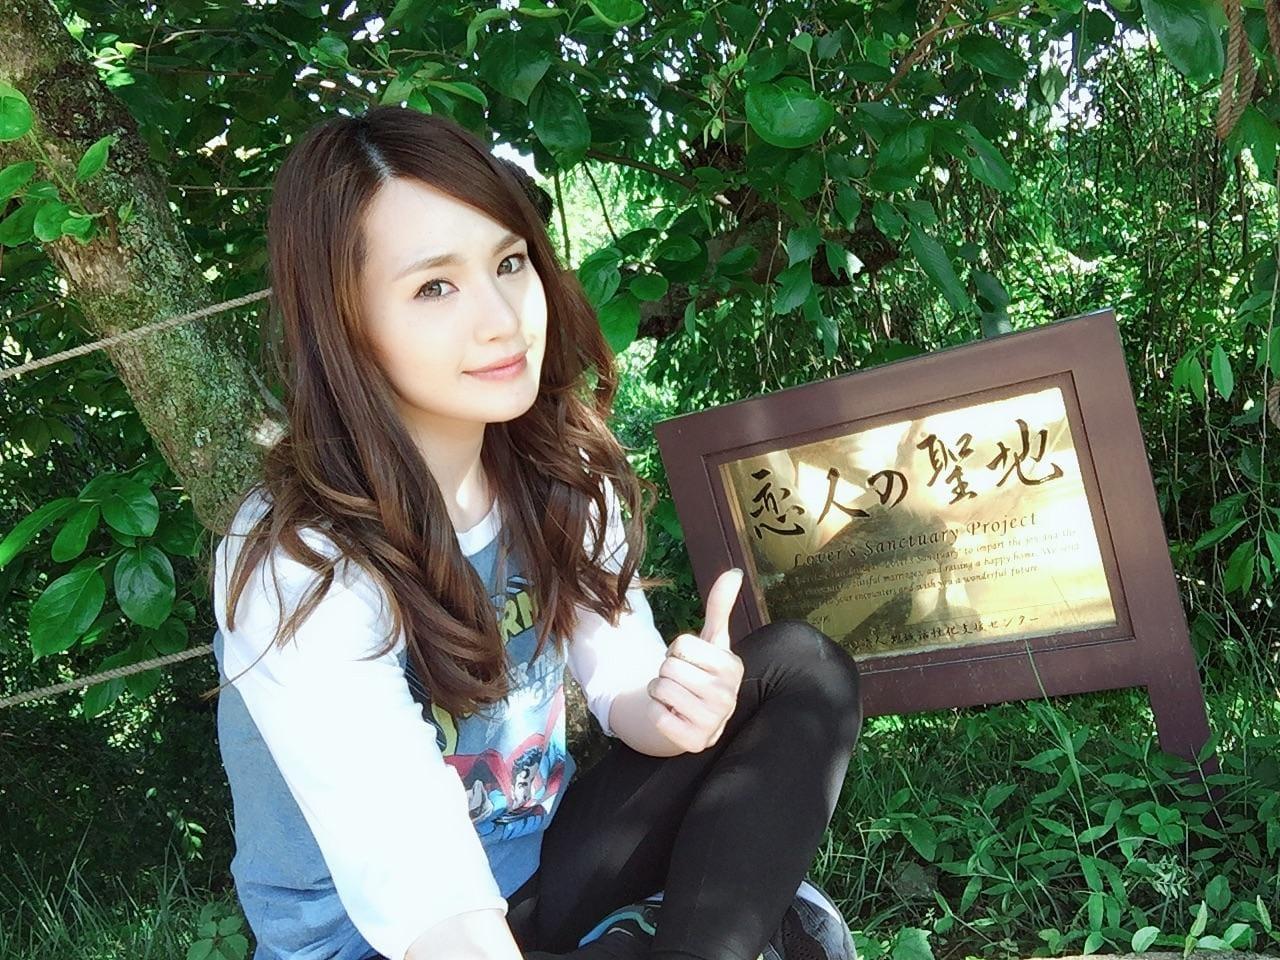 「☆-はるさんぽ-☆」05/27(05/27) 15:11 | HARUKAの写メ・風俗動画